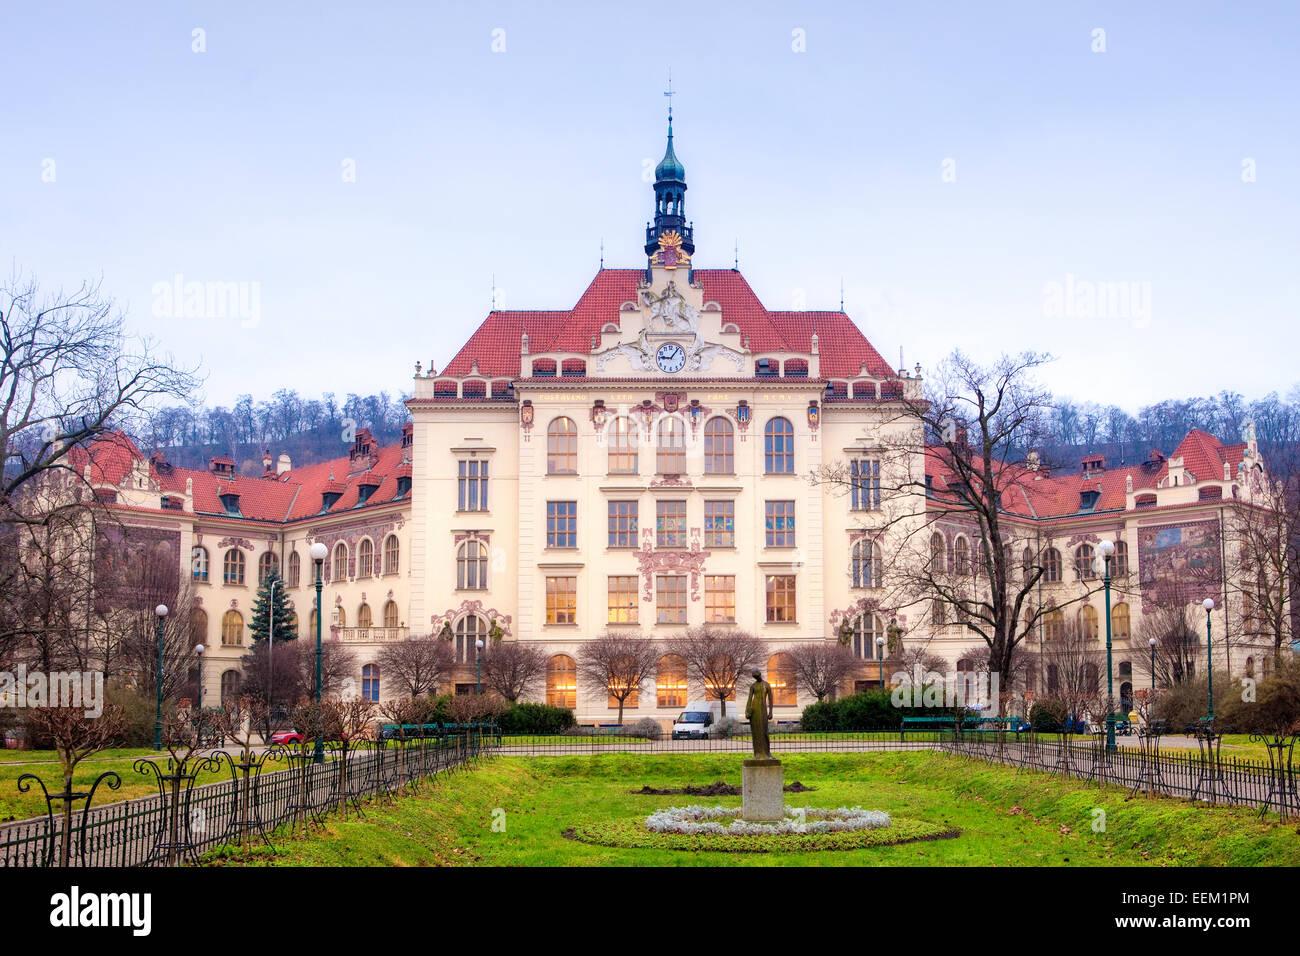 Pobrezni 1 Prague 186 00 Czech Republic